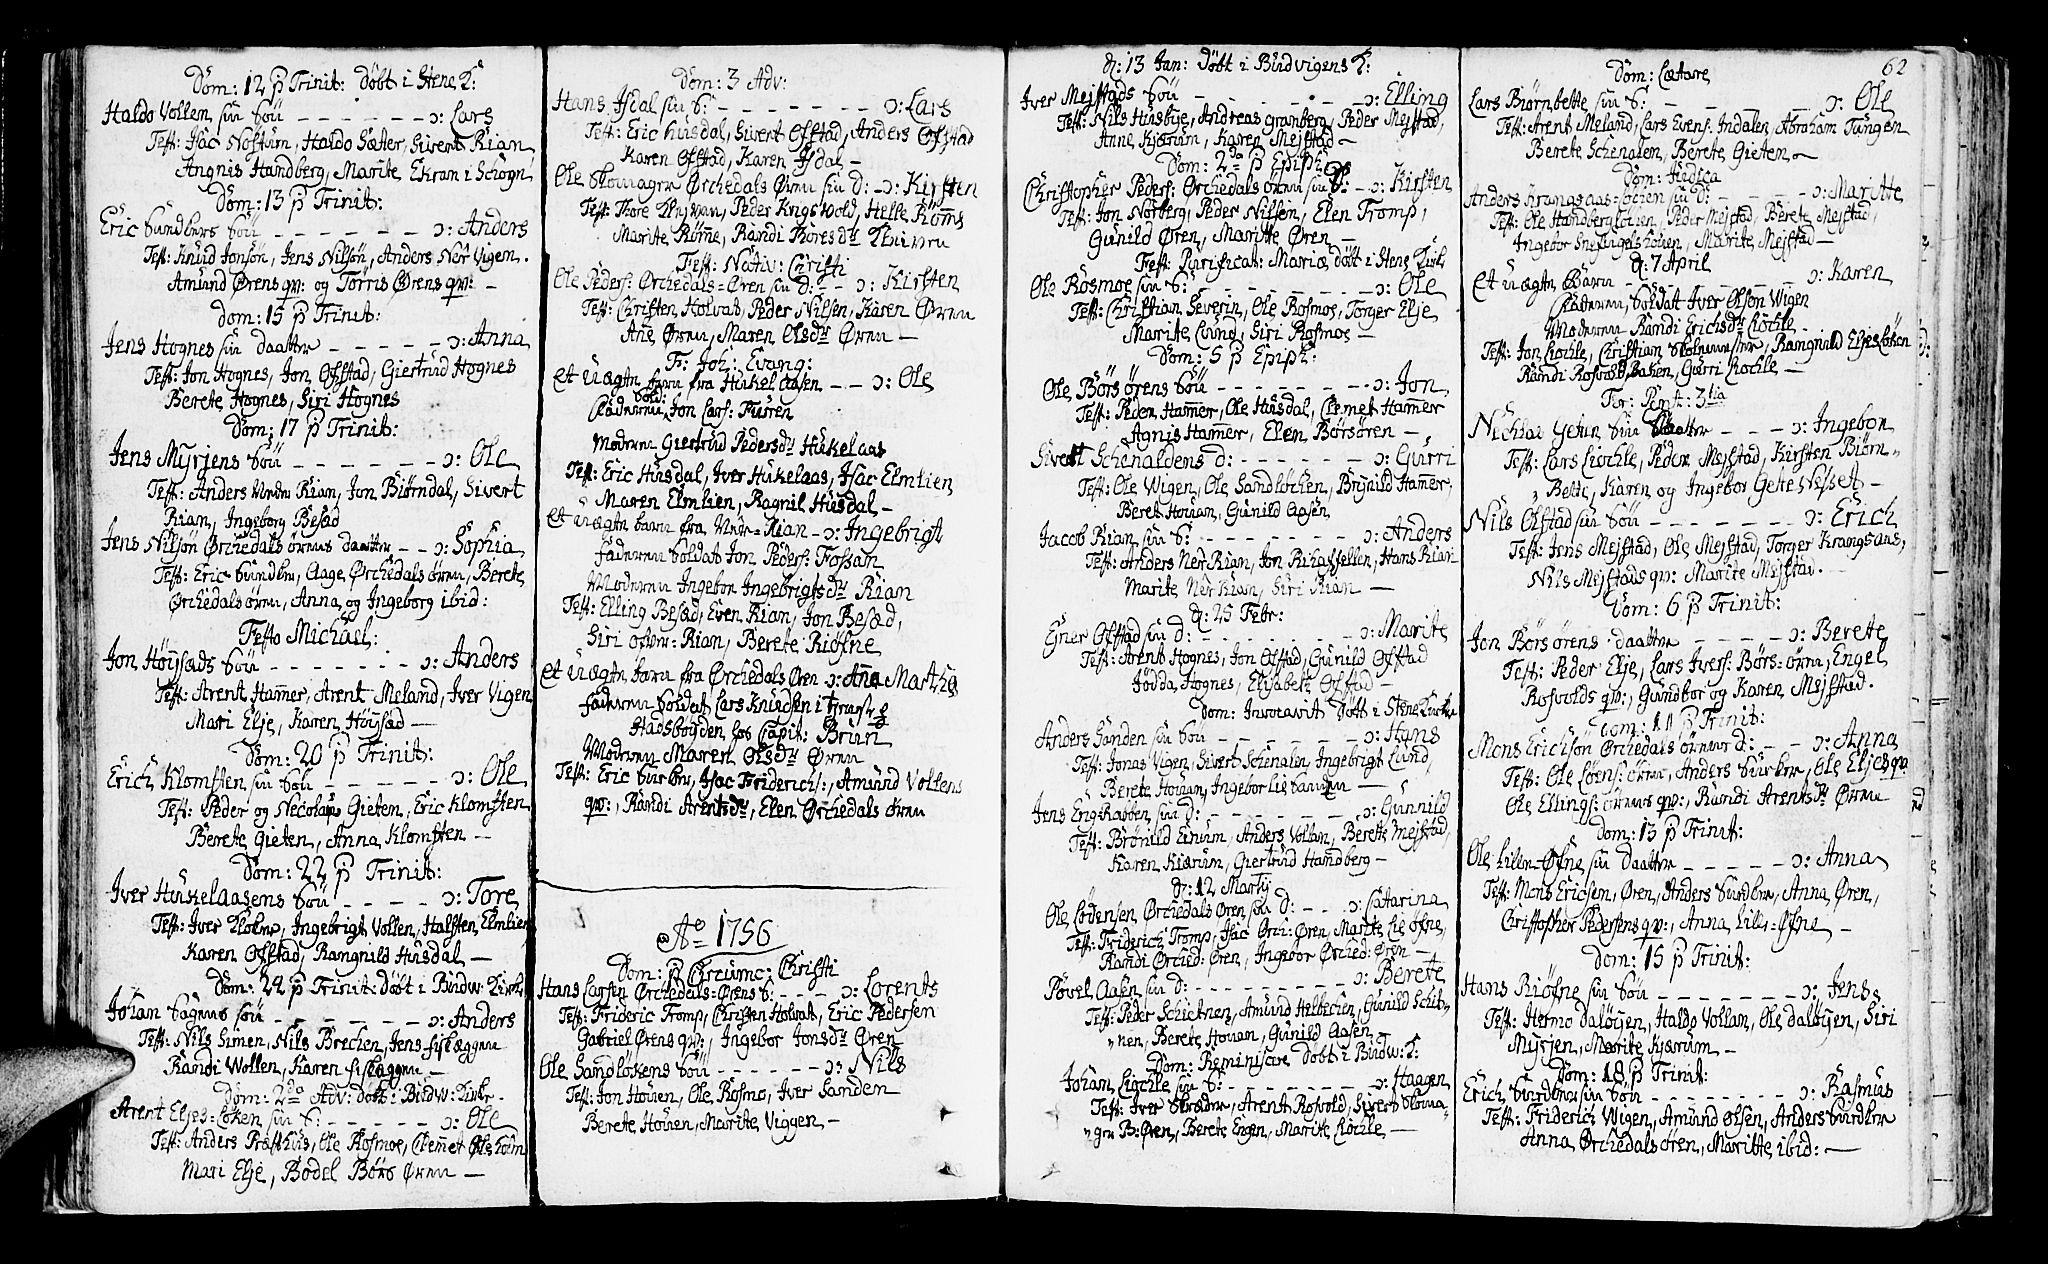 SAT, Ministerialprotokoller, klokkerbøker og fødselsregistre - Sør-Trøndelag, 665/L0768: Ministerialbok nr. 665A03, 1754-1803, s. 62